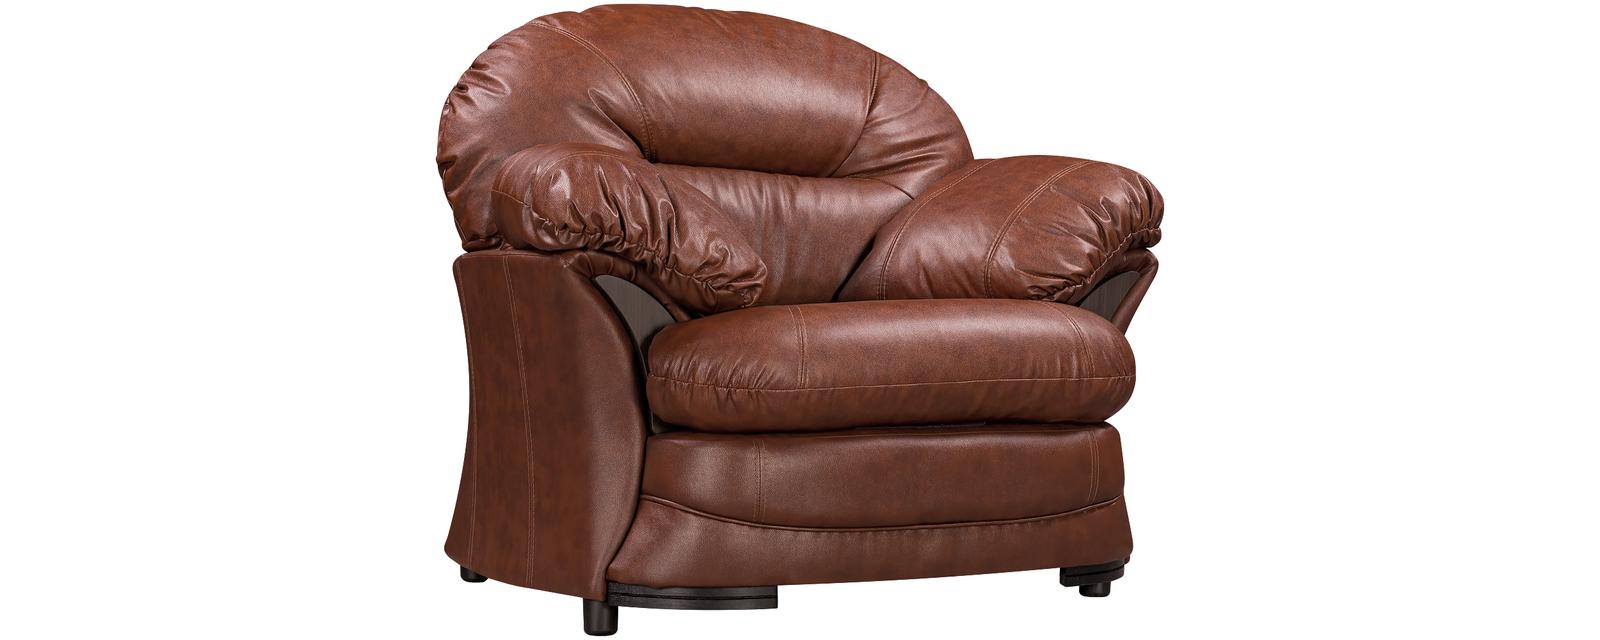 Кресло кожаное Ланкастер Коричневый (Натуральная кожа)